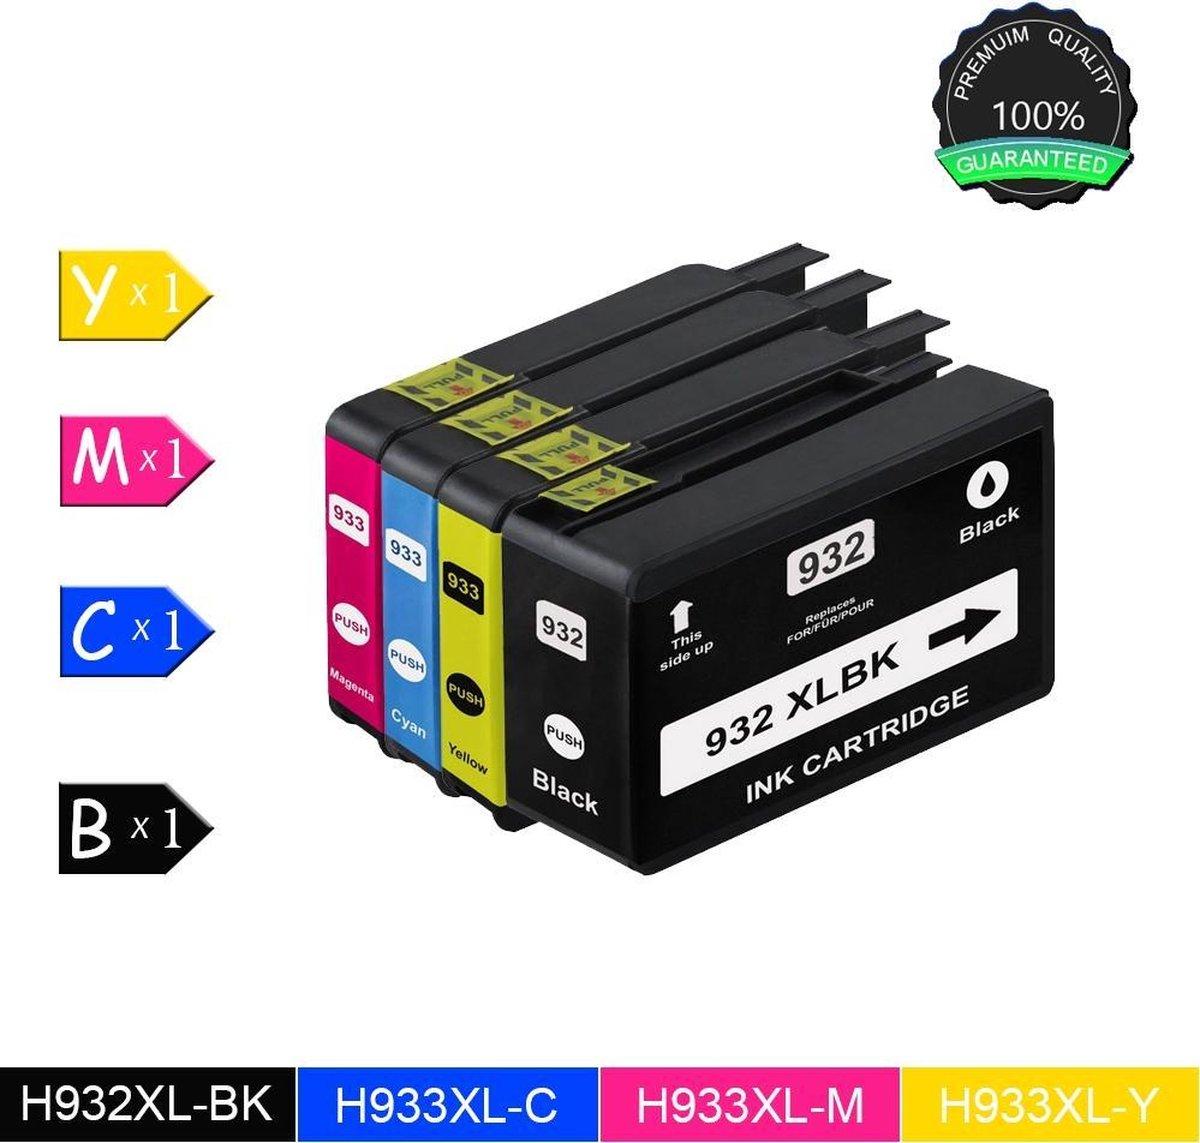 Merkloos - Inktcartridge / Alternatief voor de HP-932XL / HP 932XL voor HP Officejet 6700 Premium, 7110 Wide Format ePrinter - Zwart / Cyaan / Magenta / Geel / Multipack - Merkloos